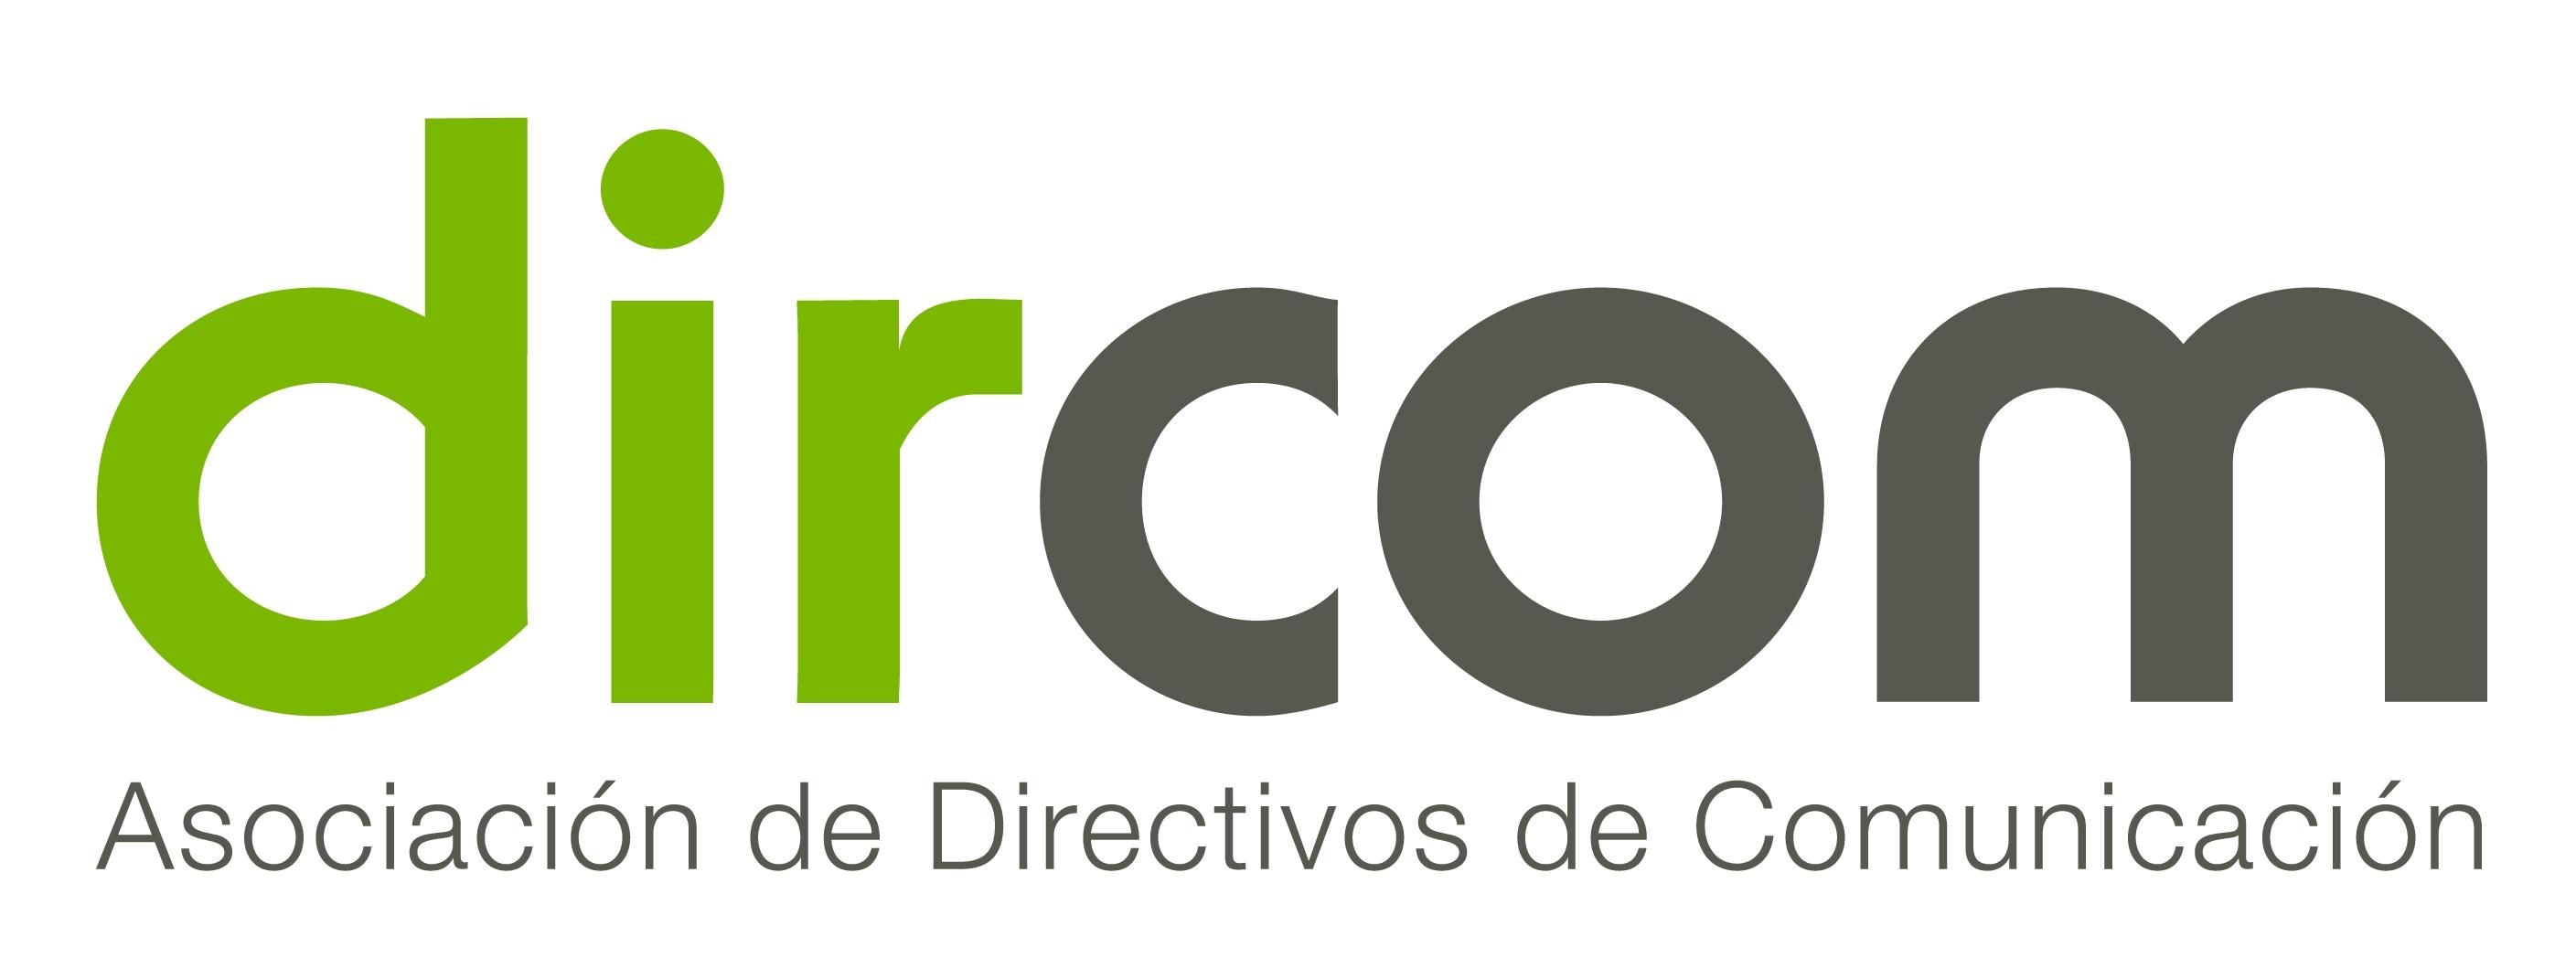 Dircom organiza el I Congreso Europeo – Más de 25 directivos de Comunicación europeos analizarán la Comunicación de la RSC